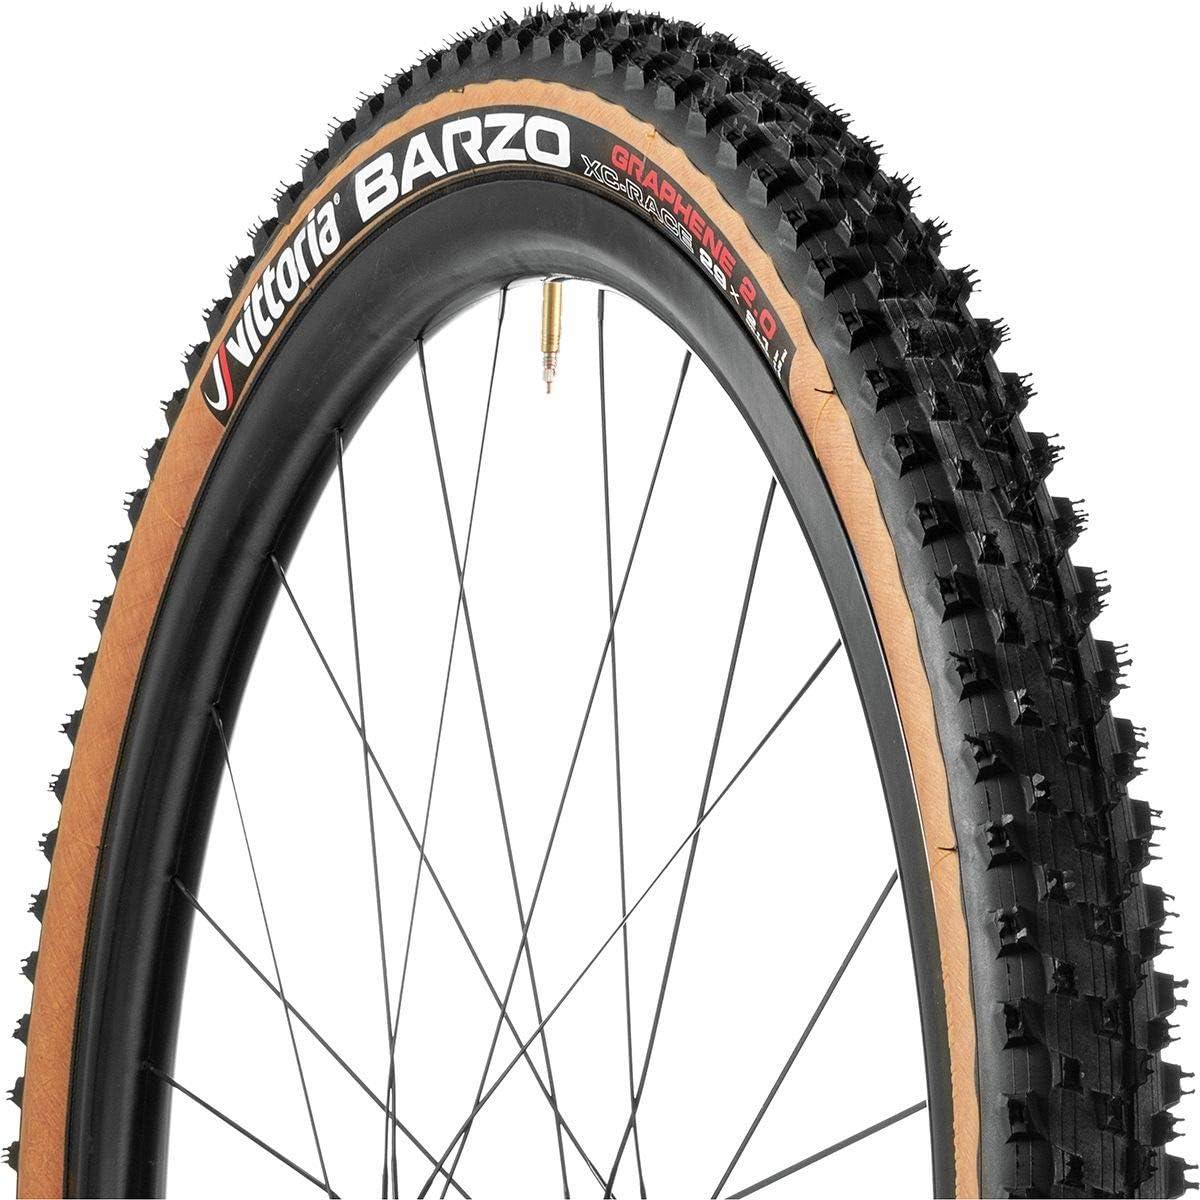 29in Vittoria Barzo G2.0 4C XCR Tire